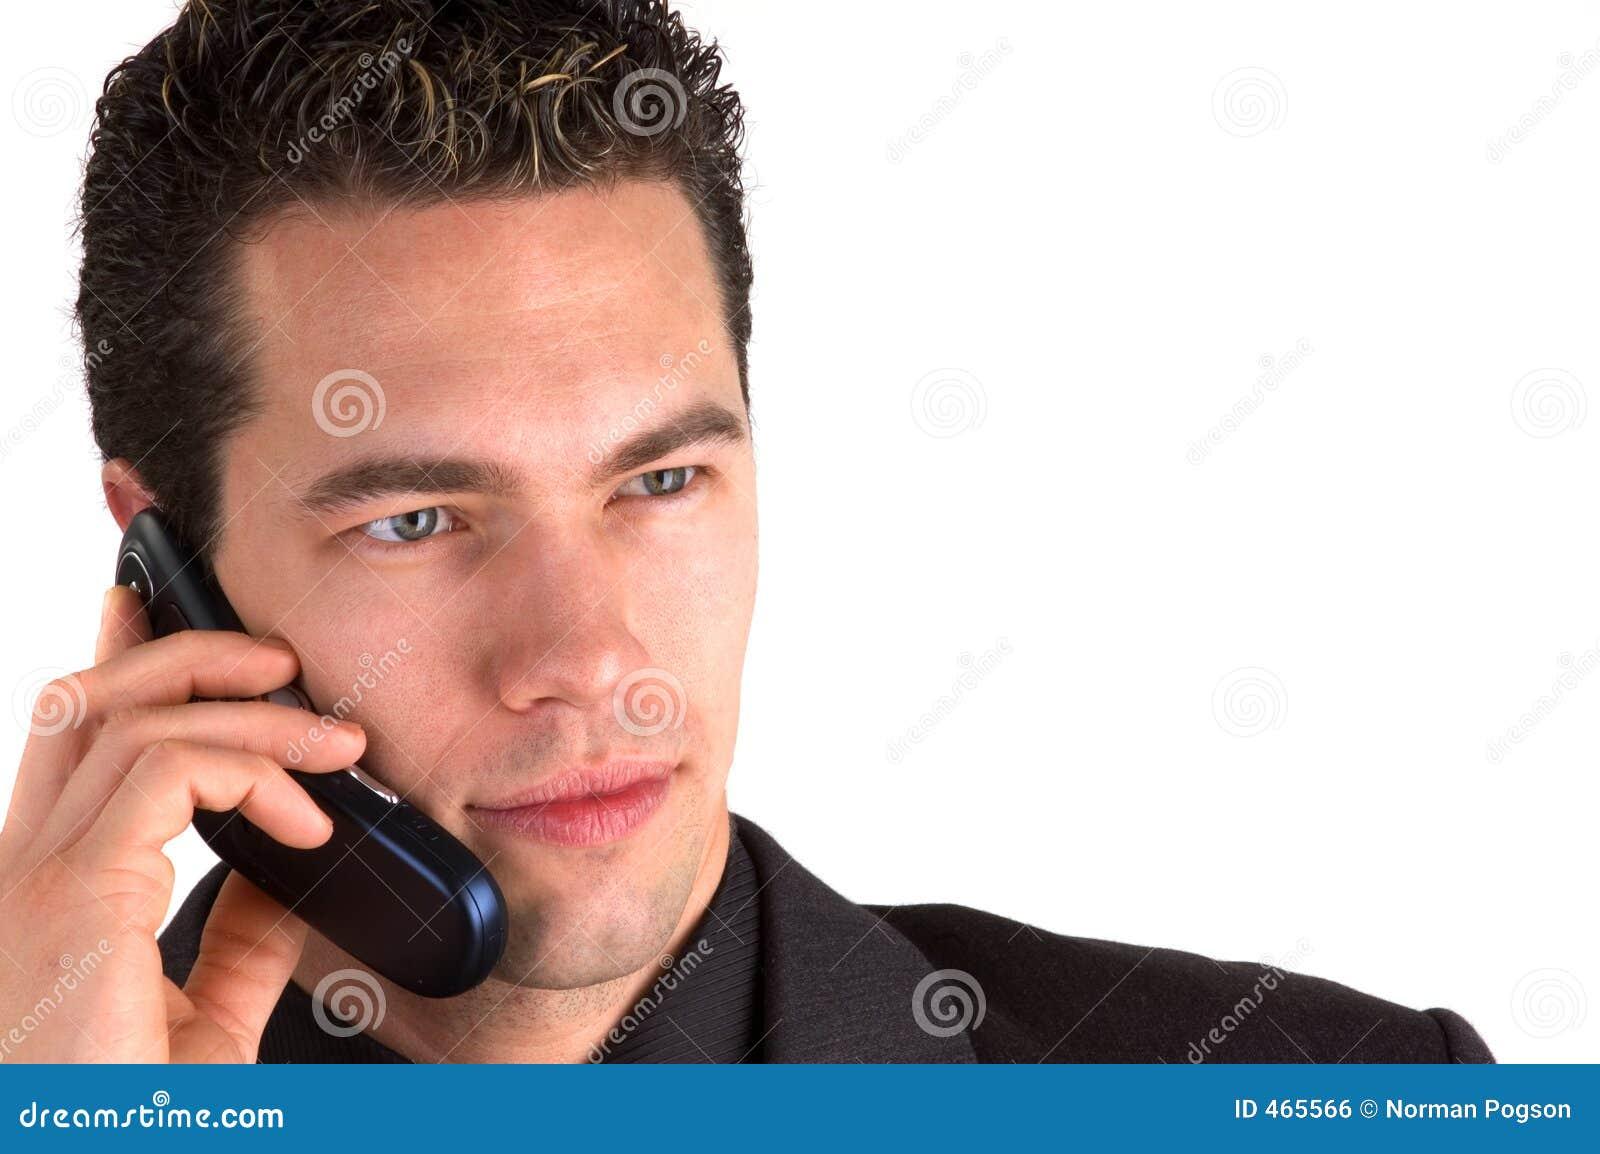 Chiamilo 2 (isolato)